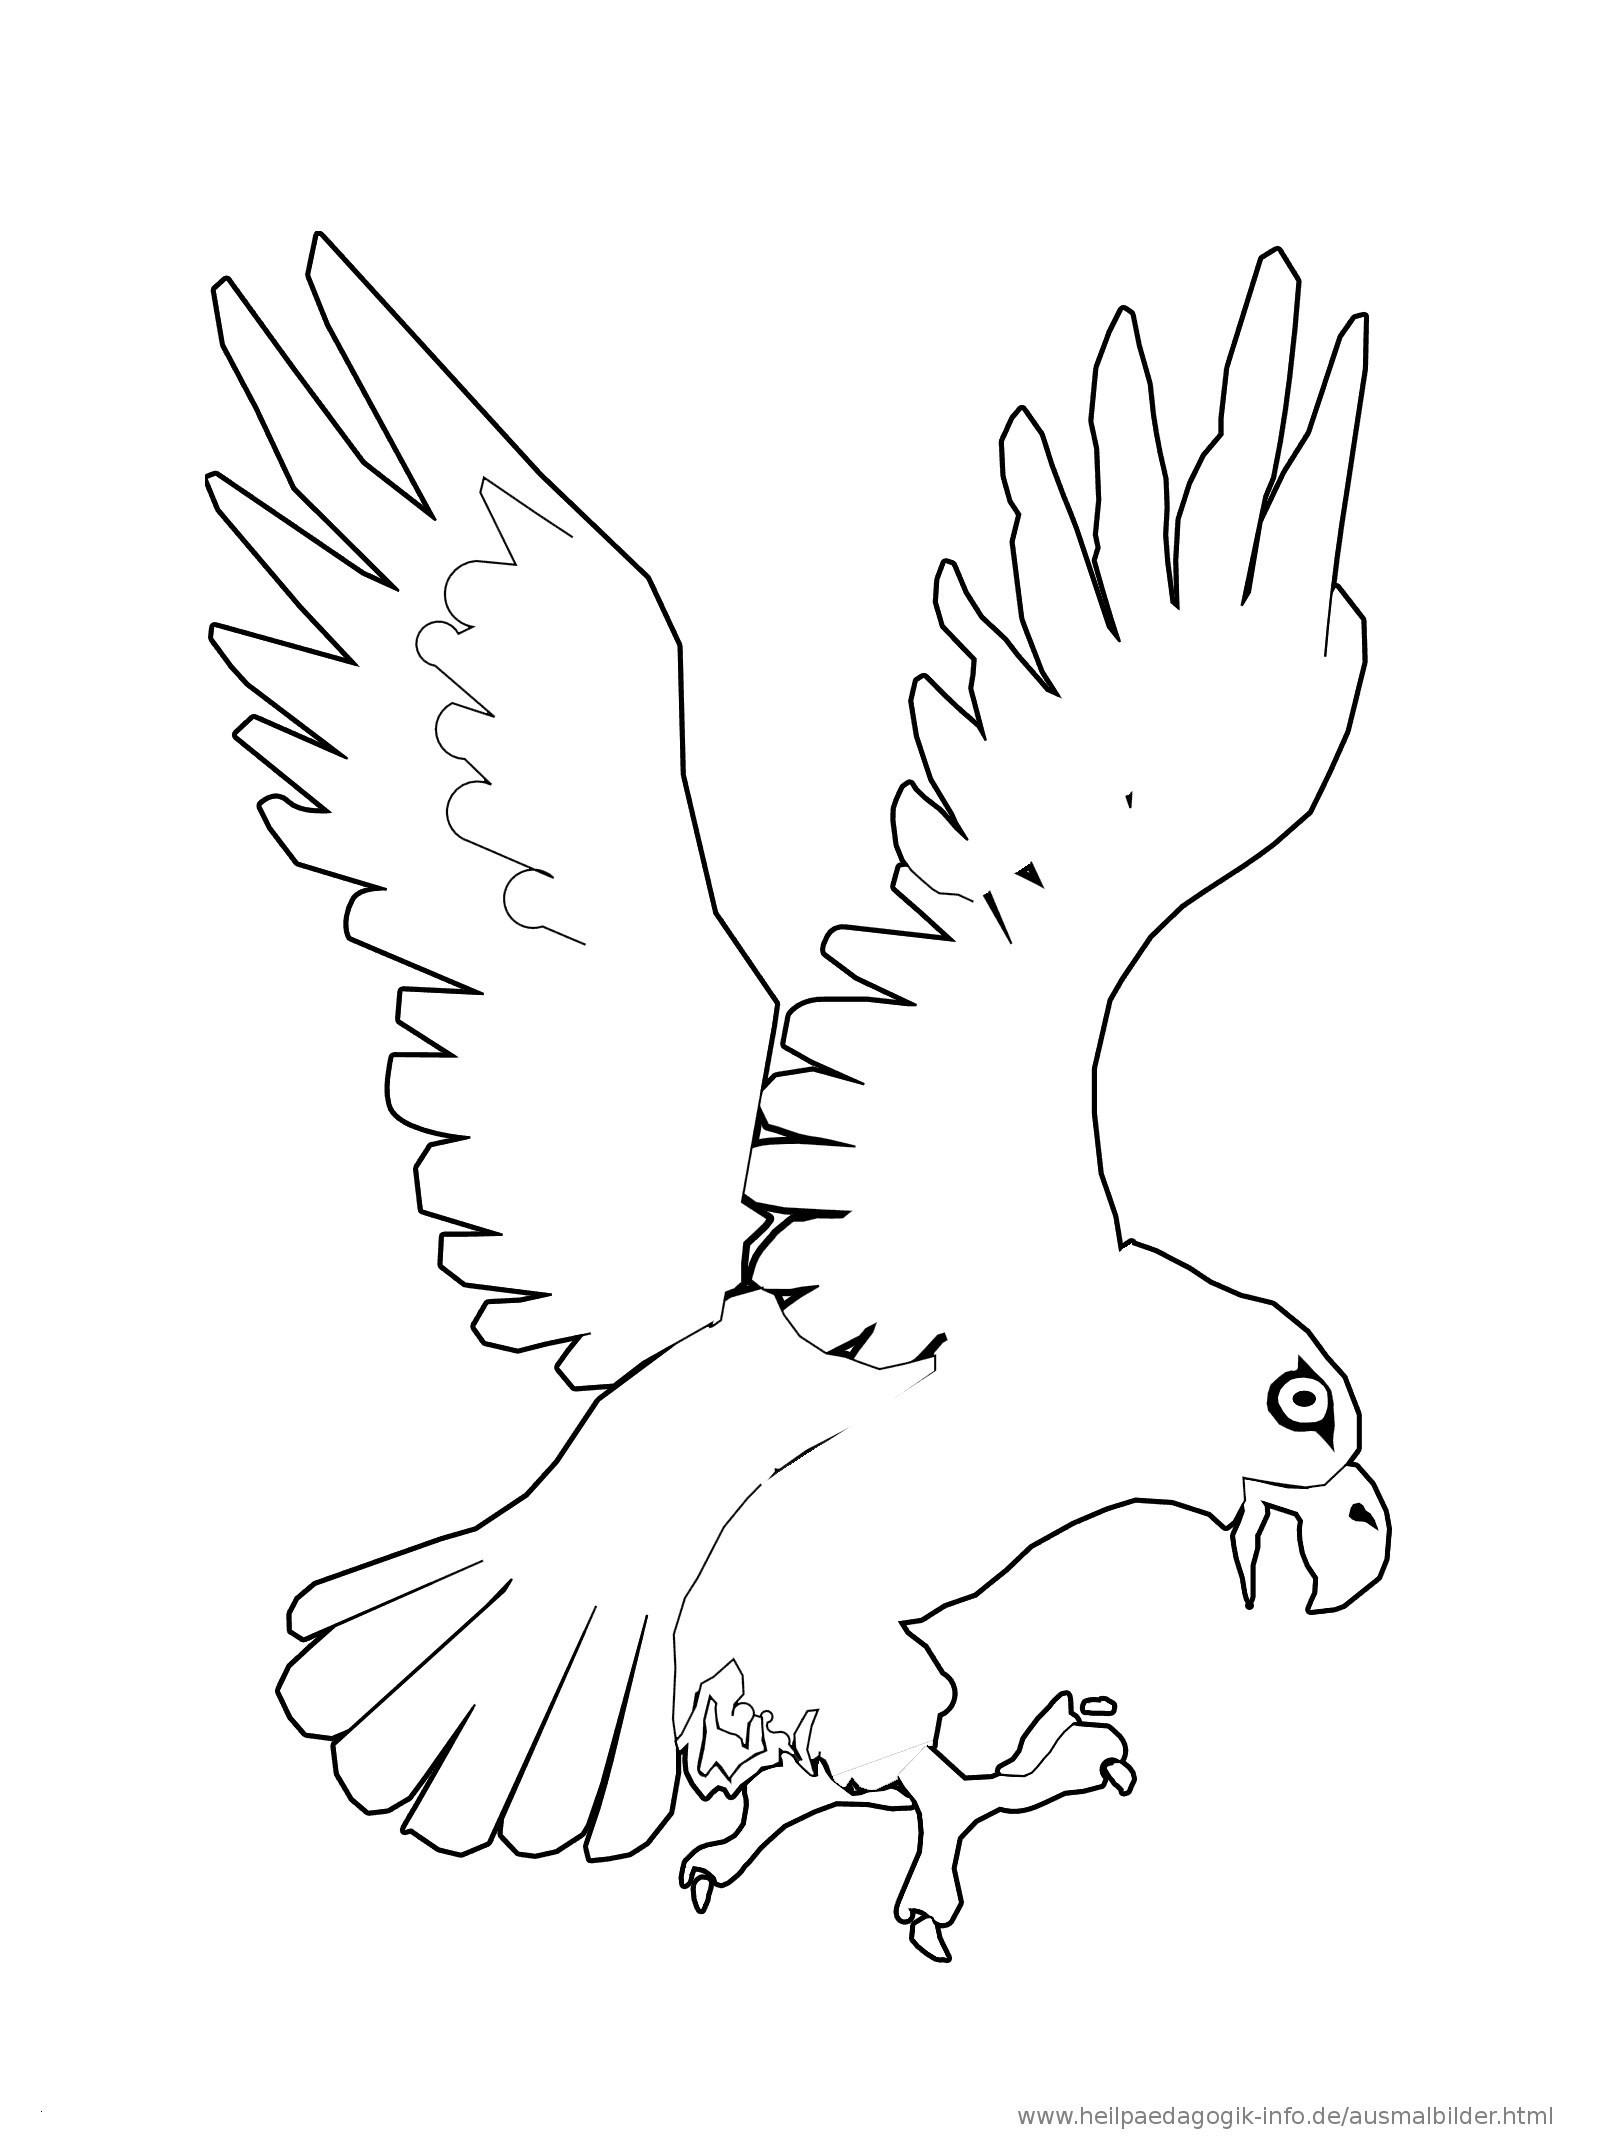 Adler Zeichnungen Zum Ausmalen Einzigartig 44 Elegant Ausmalbilder Adler Malvorlagen Sammlungen Stock